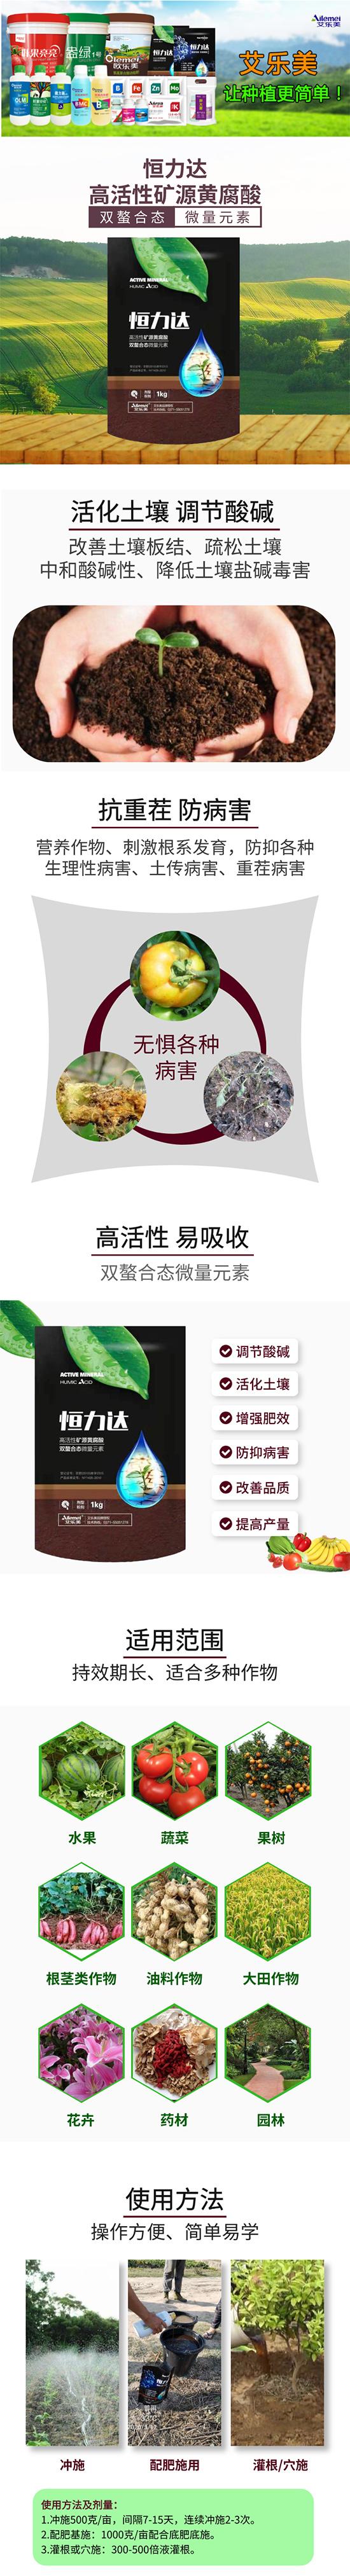 高活性礦源黃腐酸鉀-恒力達-艾樂美2